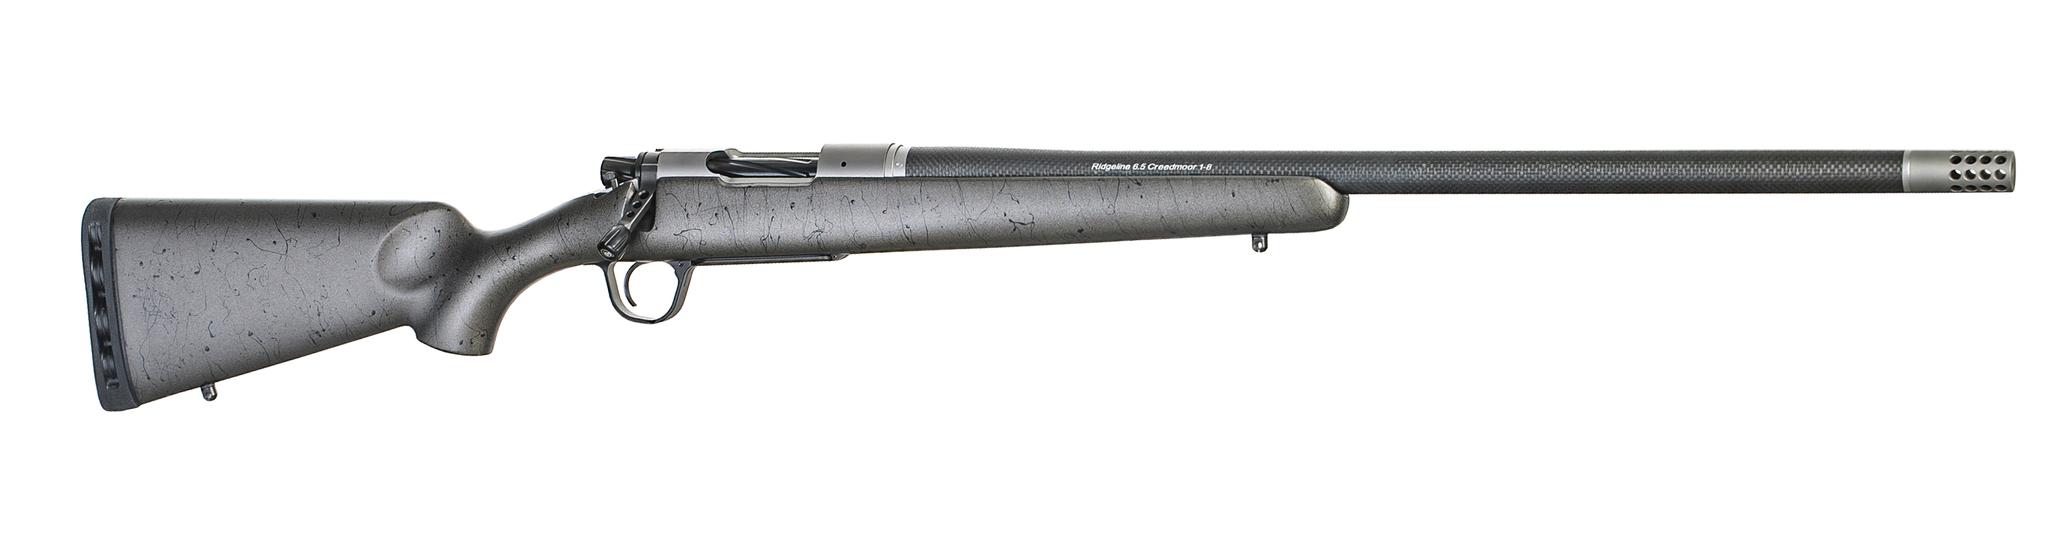 Christensen Arms Ridgeline Titanium 6.5 PRC